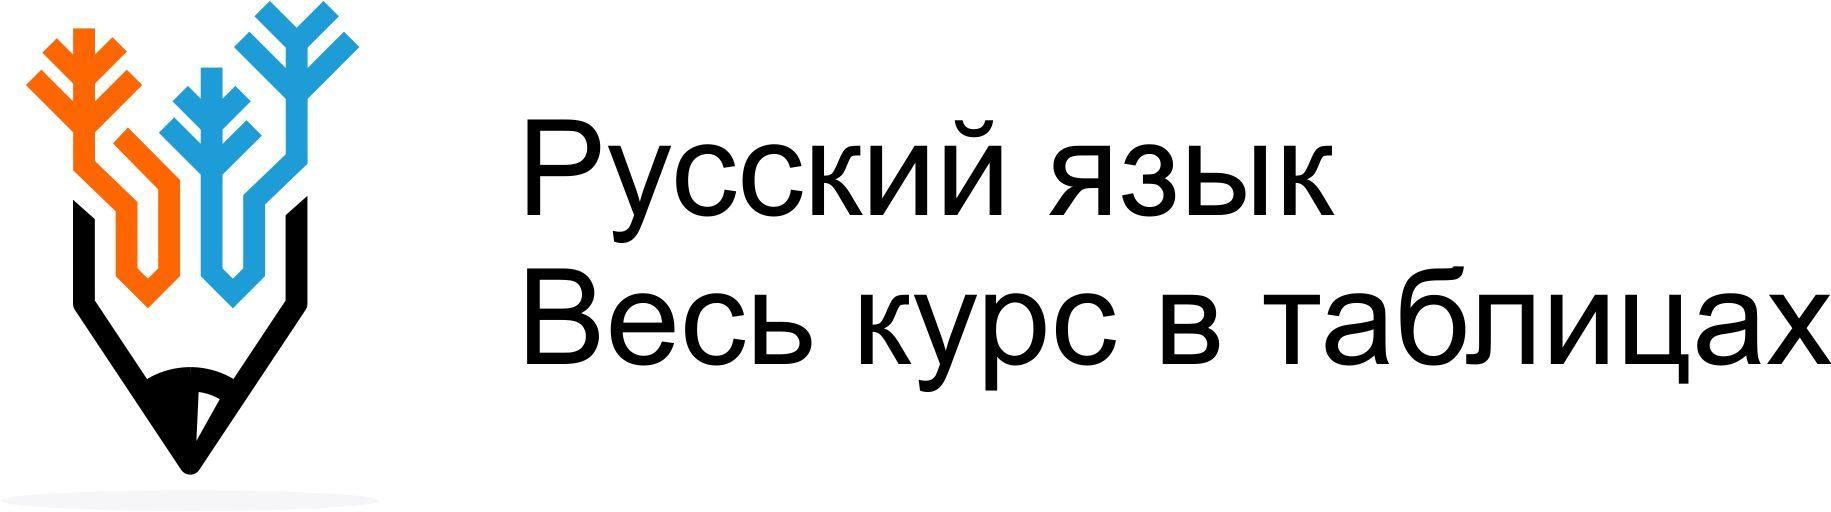 Русский язык по таблицам